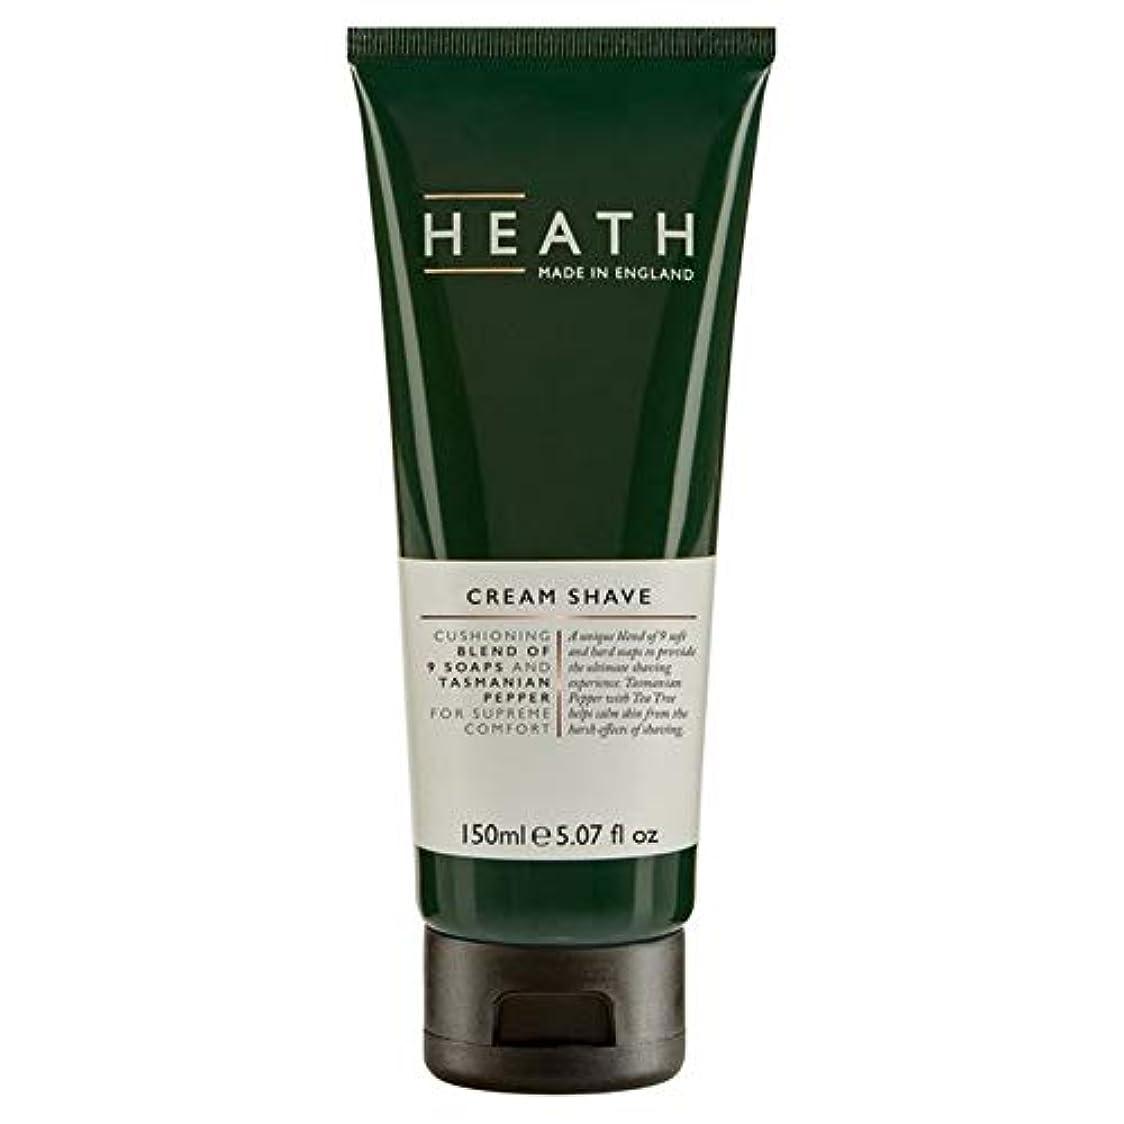 信頼性影響力のある忌避剤[Heath] ヒースクリームシェーブローション150Ml - Heath Cream Shave 150ml [並行輸入品]